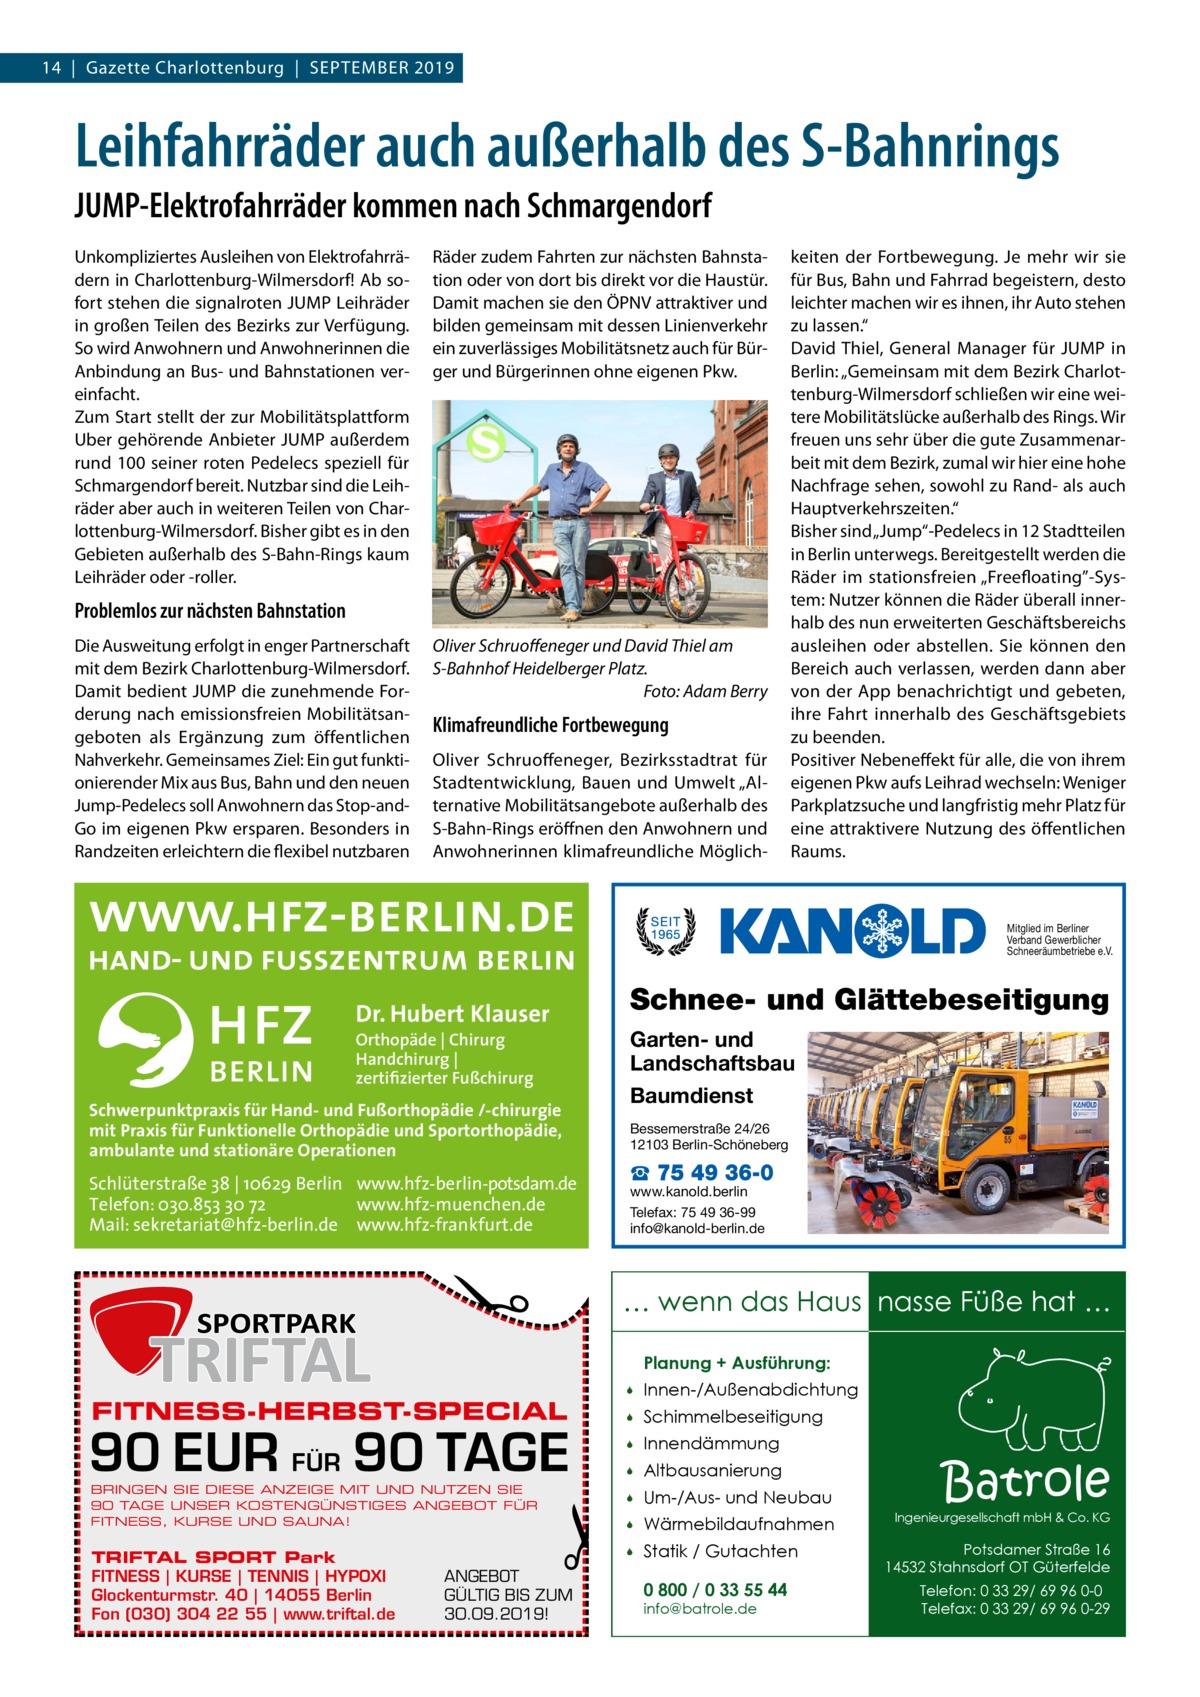 """14 Gazette Charlottenburg September 2019  Leihfahrräder auch außerhalb des S-Bahnrings JUMP-Elektrofahrräder kommen nach Schmargendorf Unkompliziertes Ausleihen von Elektrofahrrädern in Charlottenburg-Wilmersdorf! Ab sofort stehen die signalroten JUMP Leihräder in großen Teilen des Bezirks zur Verfügung. So wird Anwohnern und Anwohnerinnen die Anbindung an Bus- und Bahnstationen vereinfacht. Zum Start stellt der zur Mobilitätsplattform Uber gehörende Anbieter JUMP außerdem rund 100 seiner roten Pedelecs speziell für Schmargendorf bereit. Nutzbar sind die Leihräder aber auch in weiteren Teilen von Charlottenburg-Wilmersdorf. Bisher gibt es in den Gebieten außerhalb des S-Bahn-Rings kaum Leihräder oder -roller.  Räder zudem Fahrten zur nächsten Bahnstation oder von dort bis direkt vor die Haustür. Damit machen sie den ÖPNV attraktiver und bilden gemeinsam mit dessen Linienverkehr ein zuverlässiges Mobilitätsnetz auch für Bürger und Bürgerinnen ohne eigenen Pkw.  Problemlos zur nächsten Bahnstation Die Ausweitung erfolgt in enger Partnerschaft mit dem Bezirk Charlottenburg-Wilmersdorf. Damit bedient JUMP die zunehmende Forderung nach emissionsfreien Mobilitätsangeboten als Ergänzung zum öffentlichen Nahverkehr. Gemeinsames Ziel: Ein gut funktionierender Mix aus Bus, Bahn und den neuen Jump-Pedelecs soll Anwohnern das Stop-andGo im eigenen Pkw ersparen. Besonders in Randzeiten erleichtern die flexibel nutzbaren  Oliver Schruoffeneger und David Thiel am S-Bahnhof Heidelberger Platz. � Foto: Adam Berry  Klimafreundliche Fortbewegung Oliver Schruoffeneger, Bezirksstadtrat für Stadtentwicklung, Bauen und Umwelt """"Alternative Mobilitätsangebote außerhalb des S-Bahn-Rings eröffnen den Anwohnern und Anwohnerinnen klimafreundliche Möglich keiten der Fortbewegung. Je mehr wir sie für Bus, Bahn und Fahrrad begeistern, desto leichter machen wir es ihnen, ihr Auto stehen zu lassen."""" David Thiel, General Manager für JUMP in Berlin: """"Gemeinsam mit dem Bezirk Charlottenburg-Wilmersdorf"""